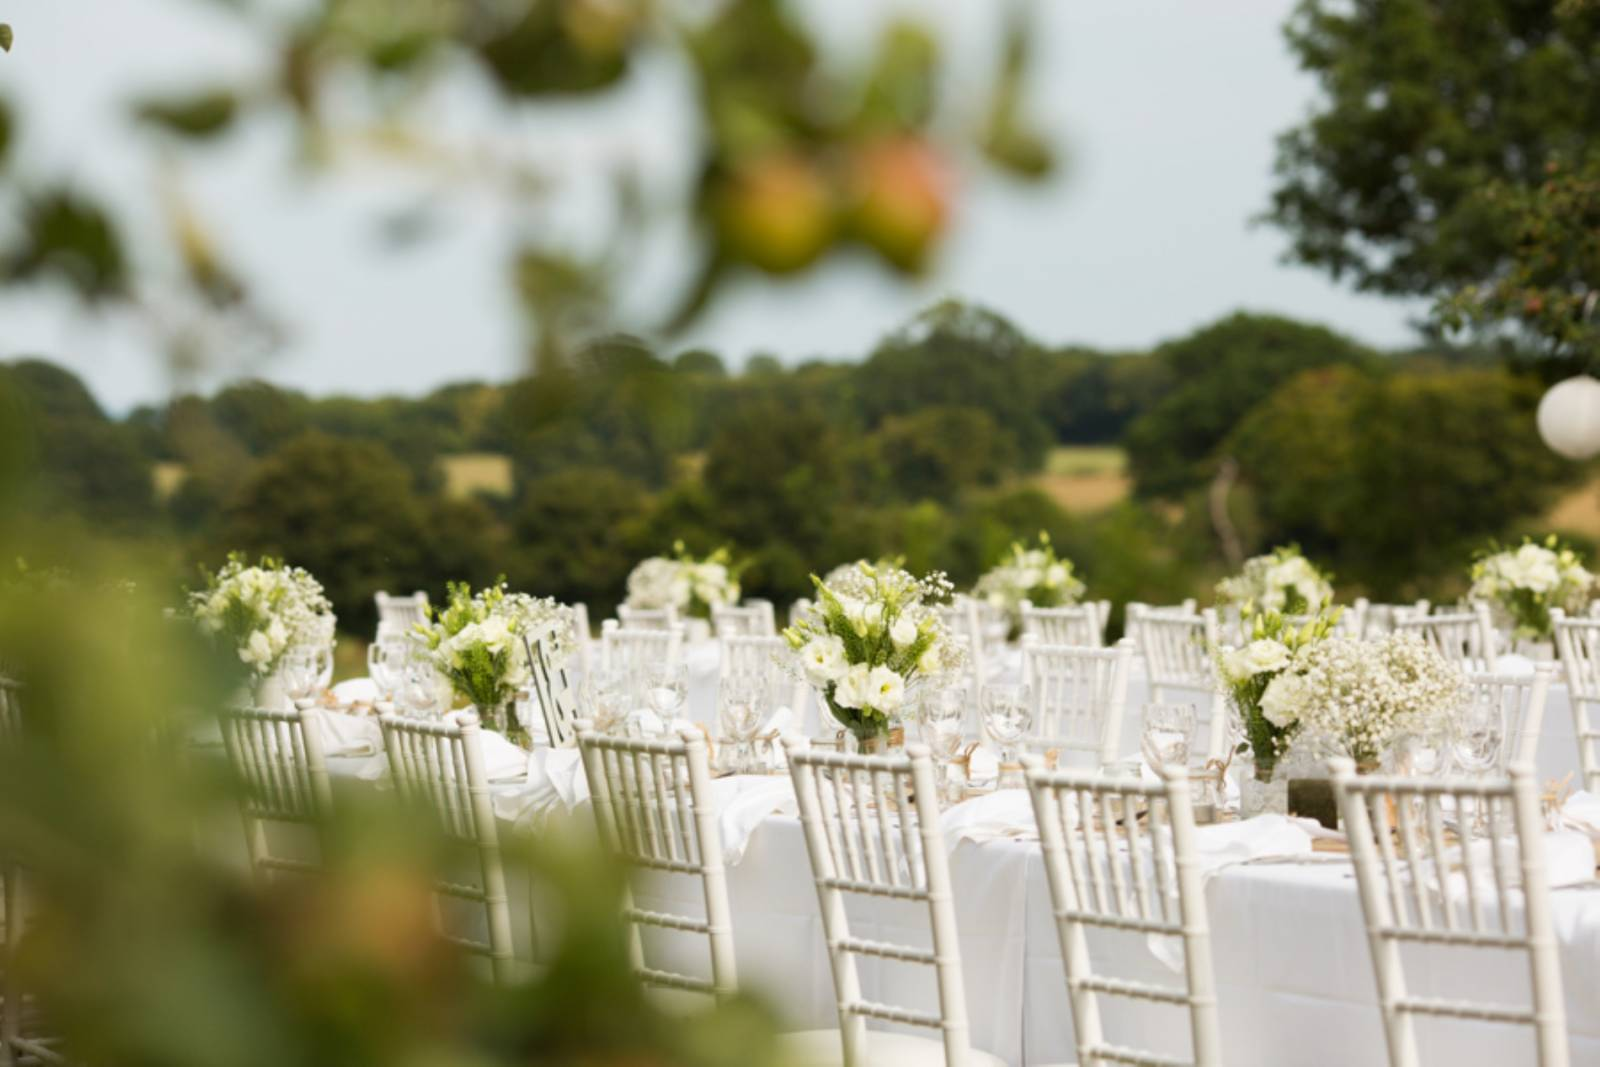 Elegant Events - Weddingplanner - Fotograaf Inge van den Broek fotografie - House of Weddings (3)